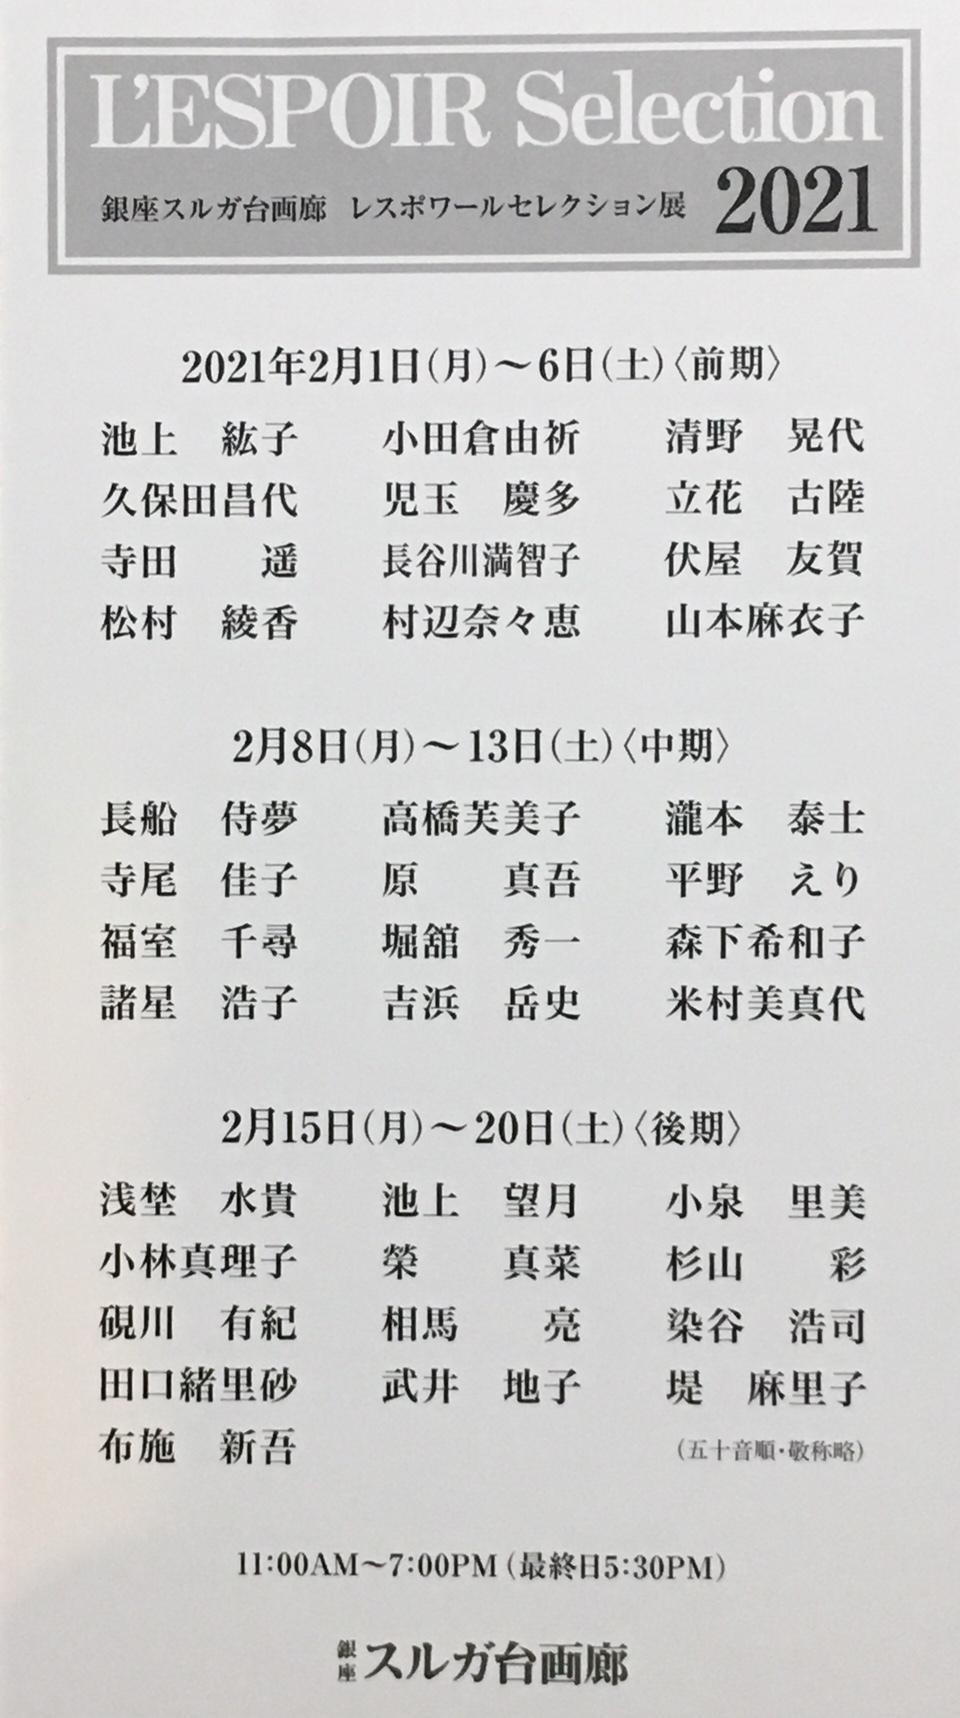 銀座スルガ台画廊レスポワール展選抜展。_c0160745_02074113.jpg